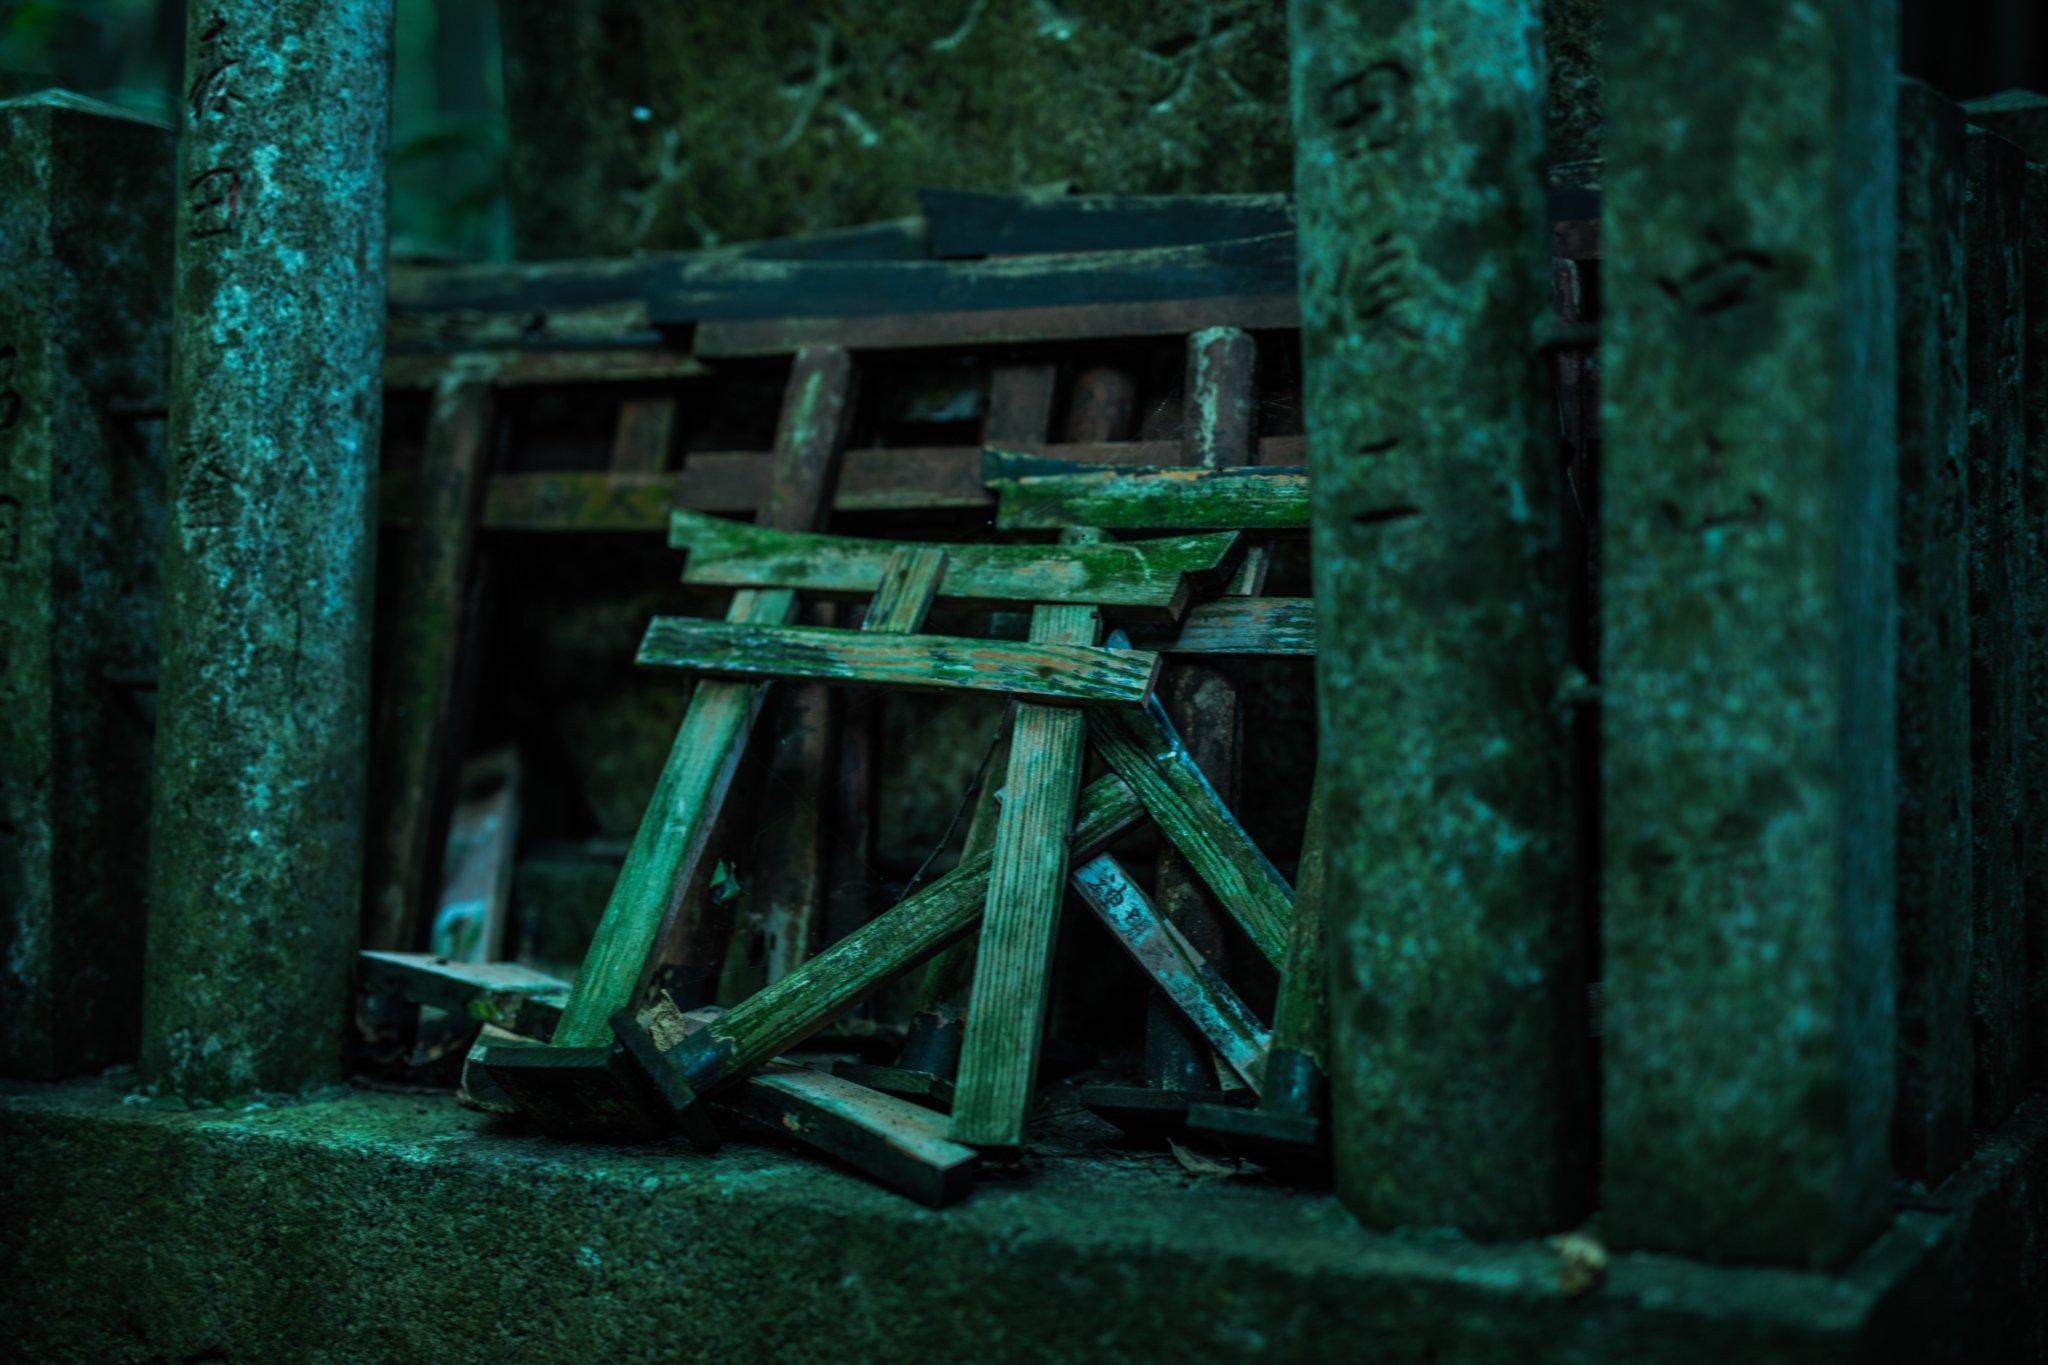 そこには魔境がある?伏見稲荷神社は奥に行けば行くほど魔境じみてるwww